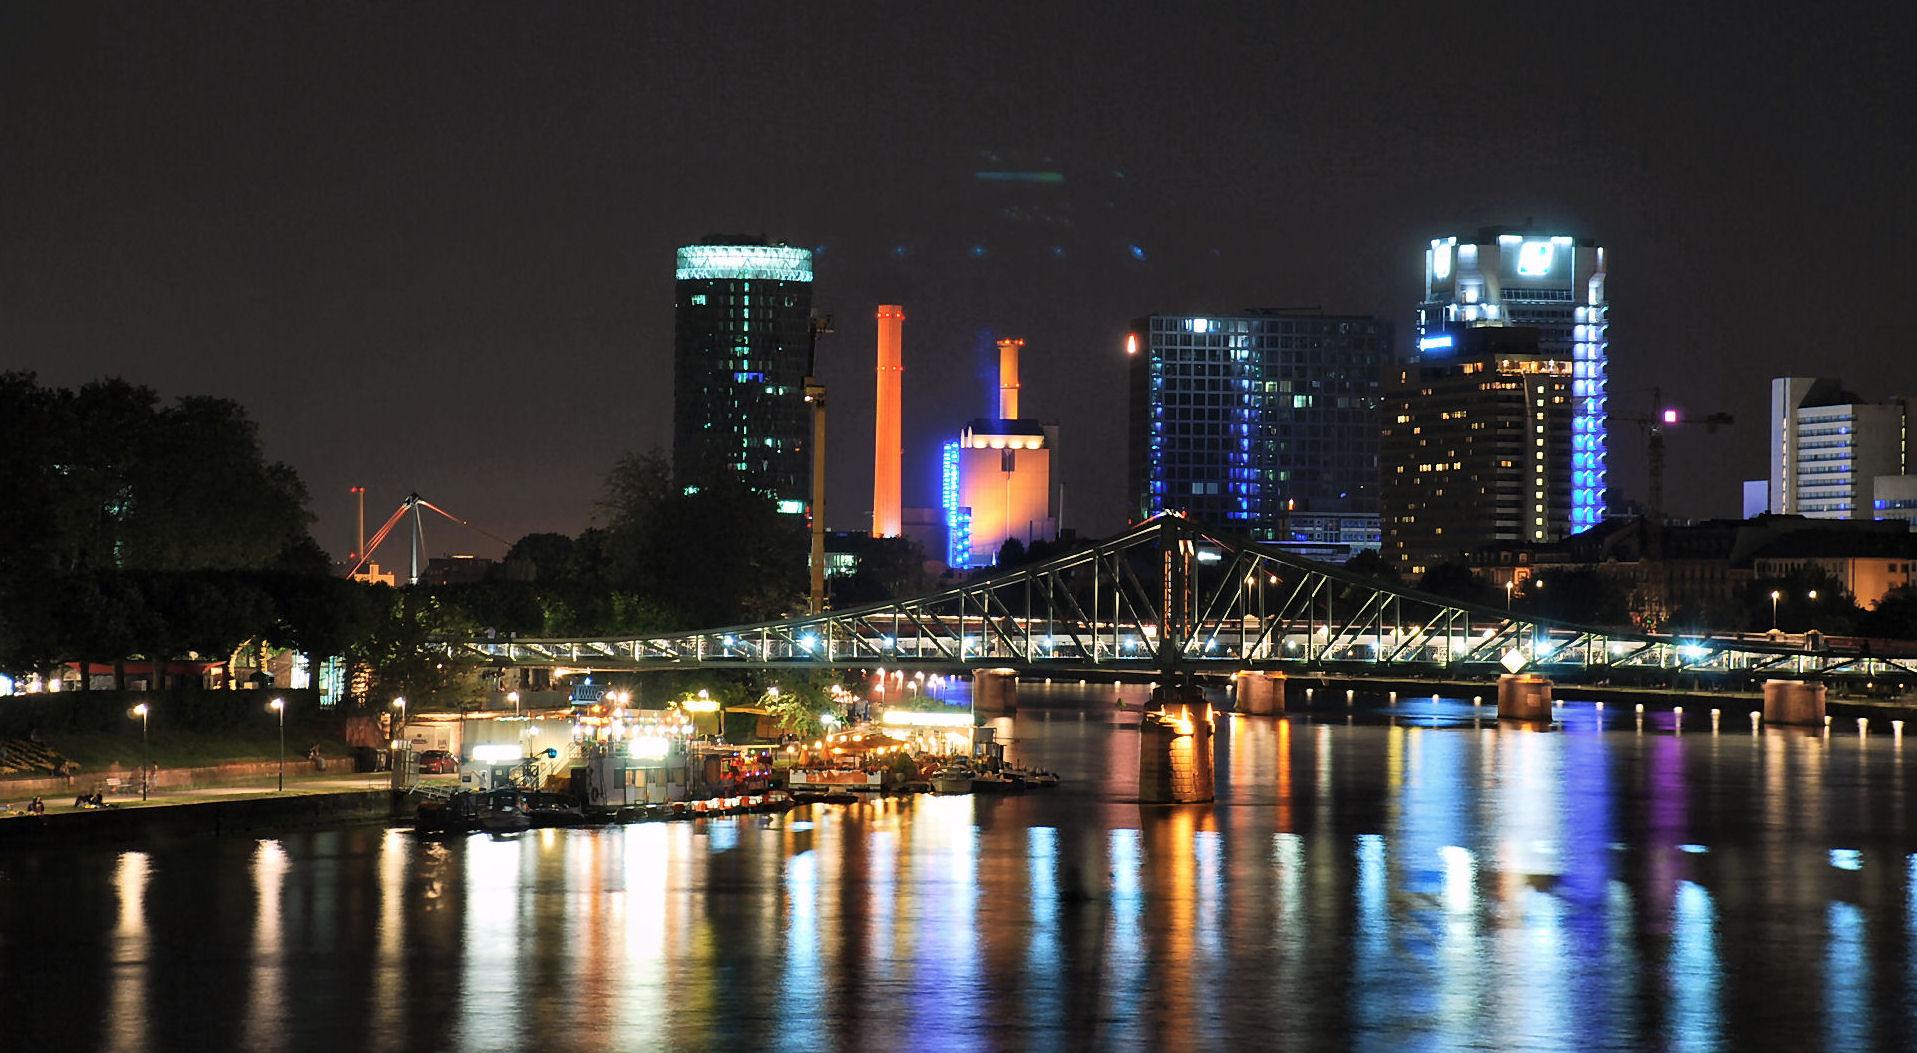 Die Banken Stadt bei Nacht!!!